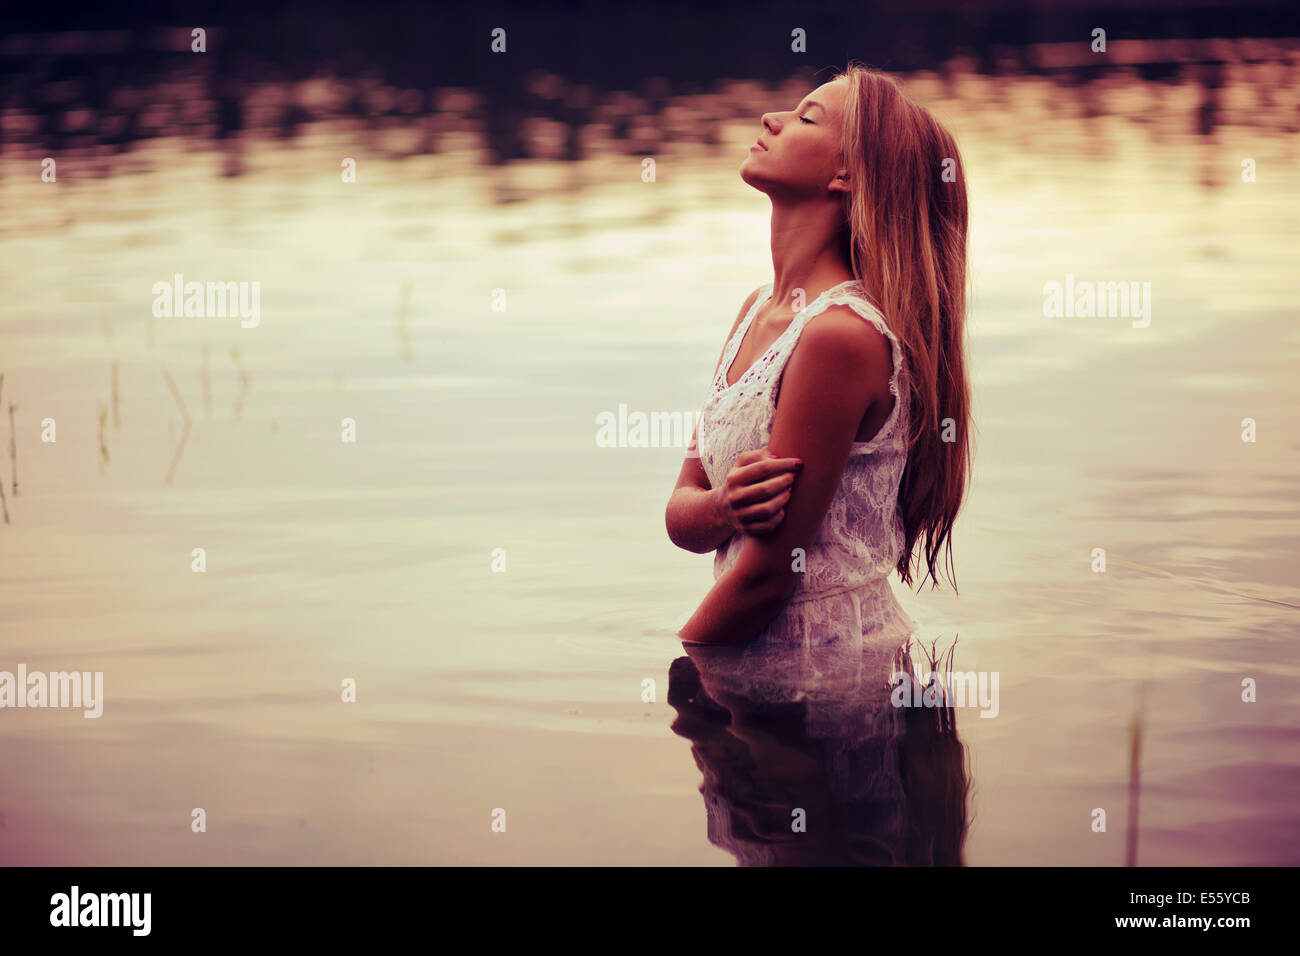 Junge Frau im weißen Kleid stehen im Wasser Stockbild